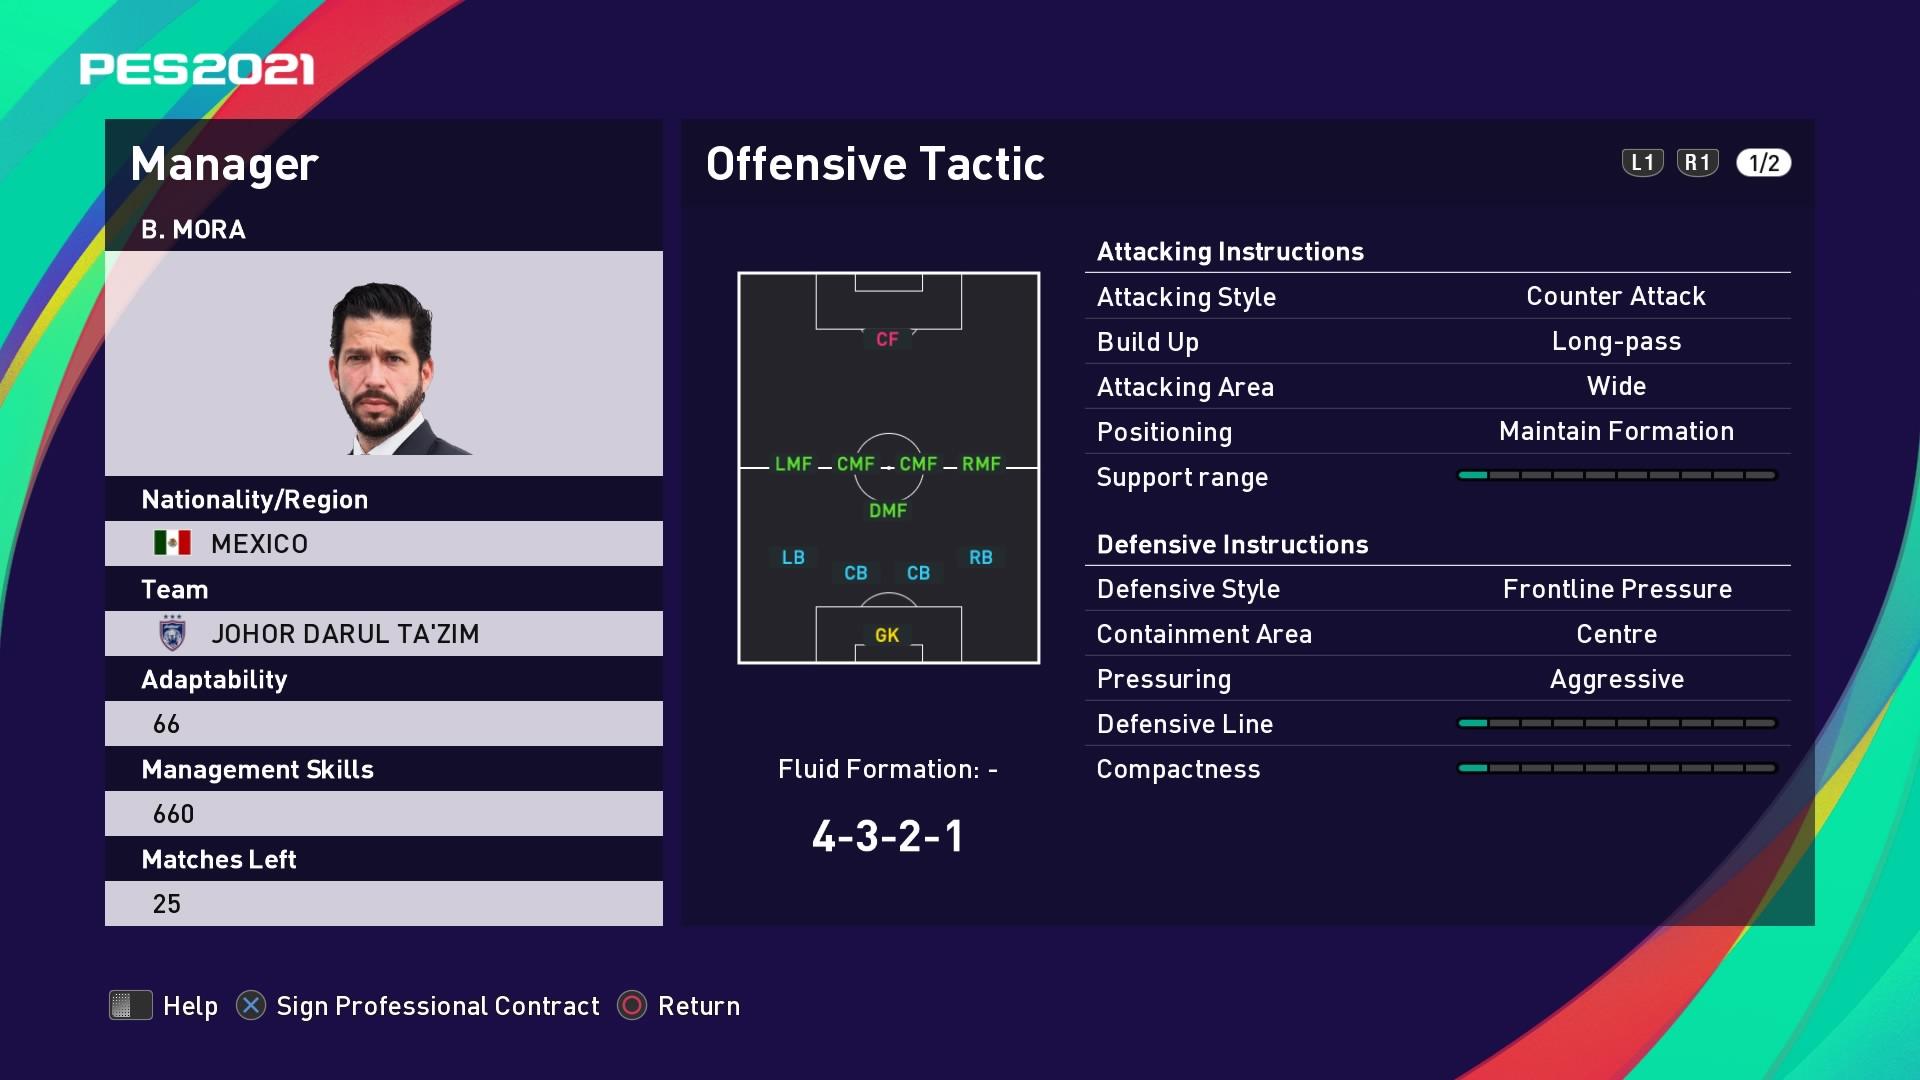 B. Mora (Benjamin Mora) Offensive Tactic in PES 2021 myClub